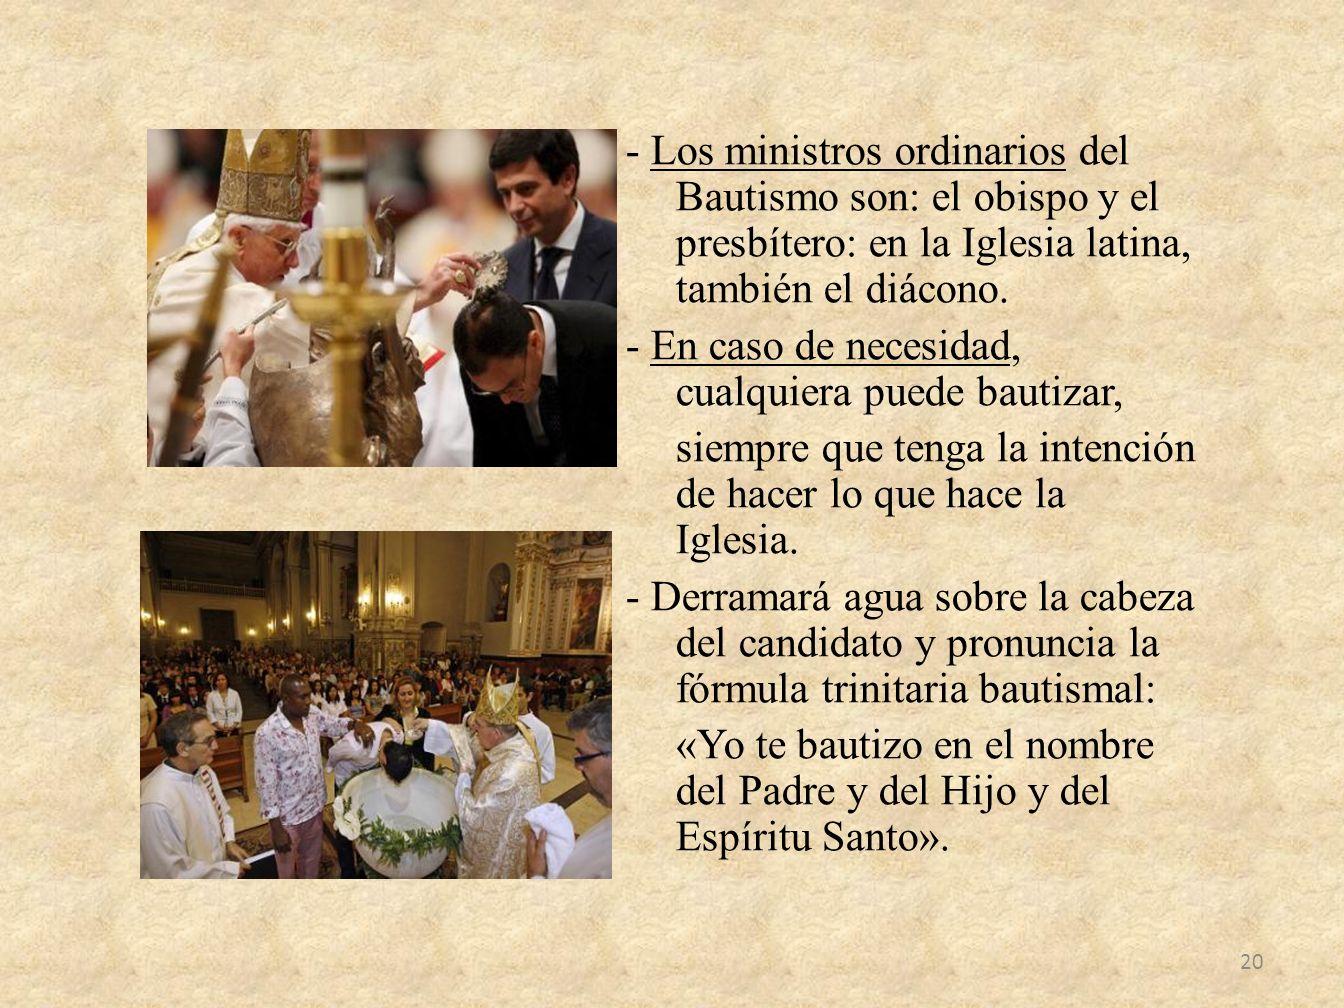 - Los ministros ordinarios del Bautismo son: el obispo y el presbítero: en la Iglesia latina, también el diácono. - En caso de necesidad, cualquiera p